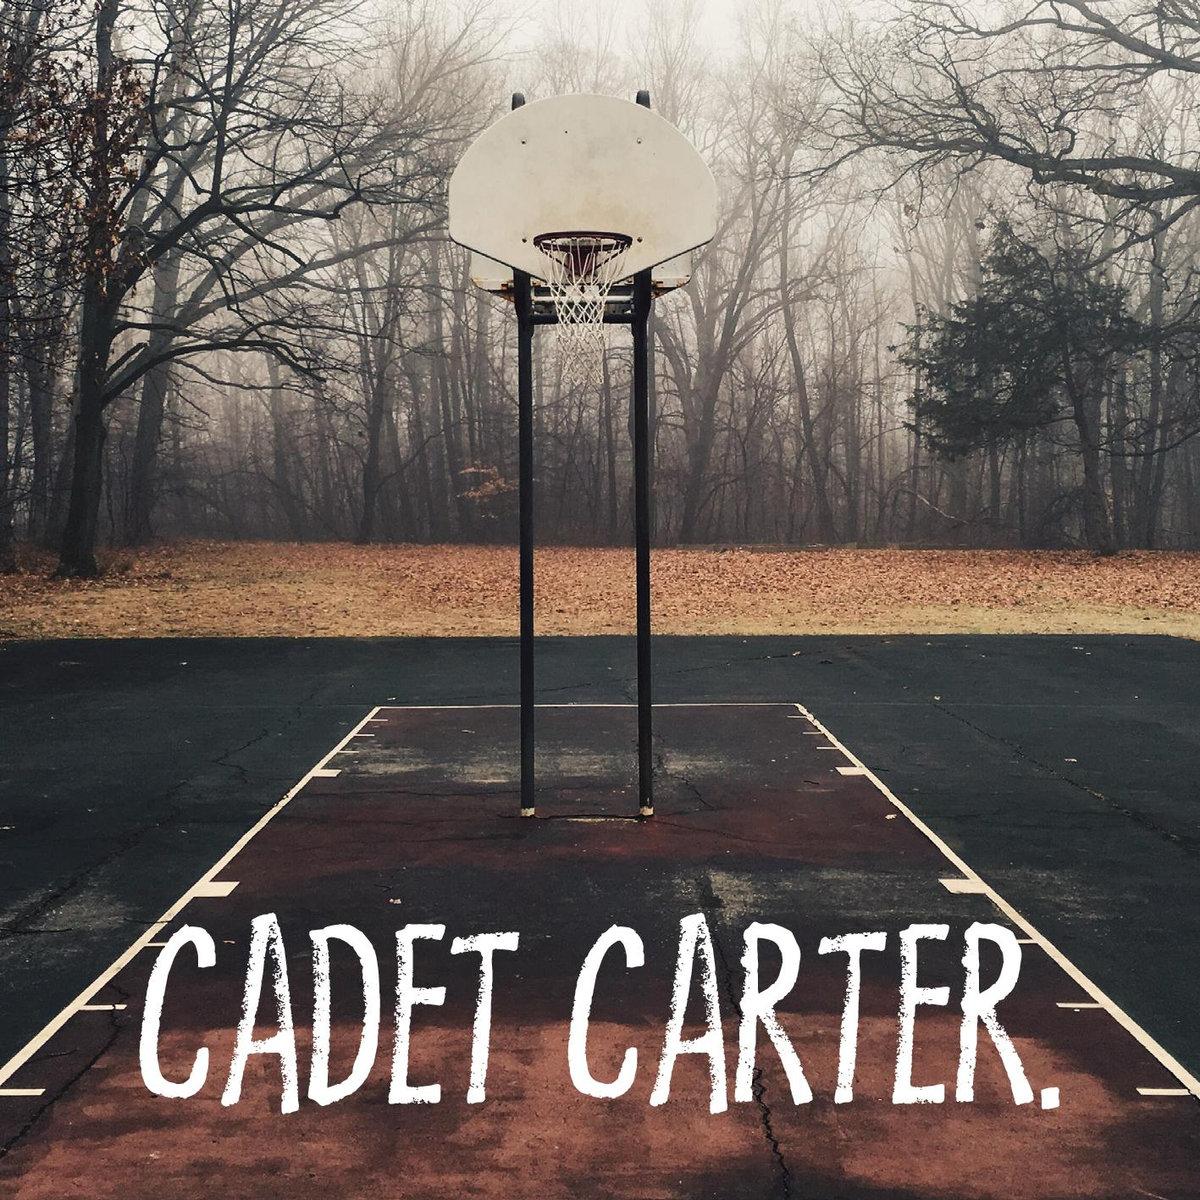 Cadet Carter – Cadet Carter